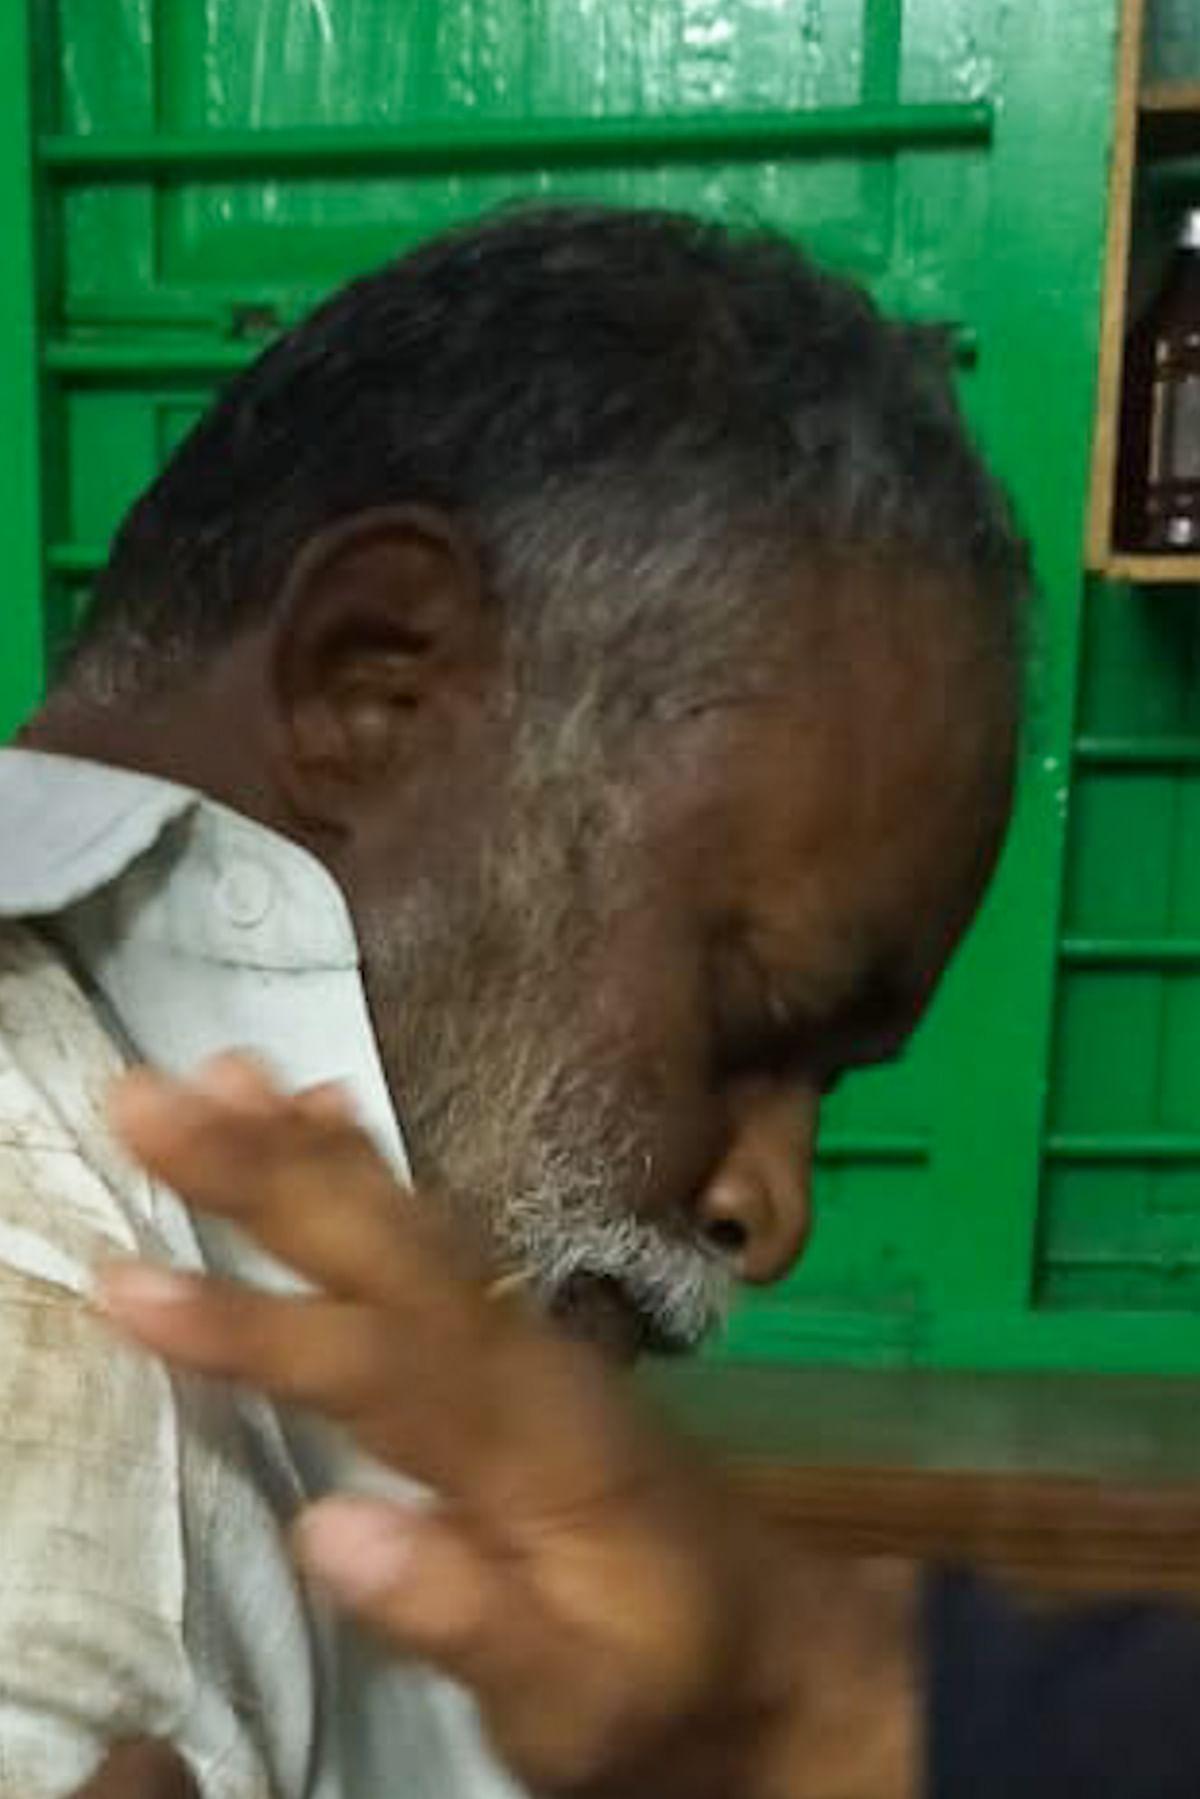 யானை தாக்கி உயிரிழந்தஇருதயராஜ்